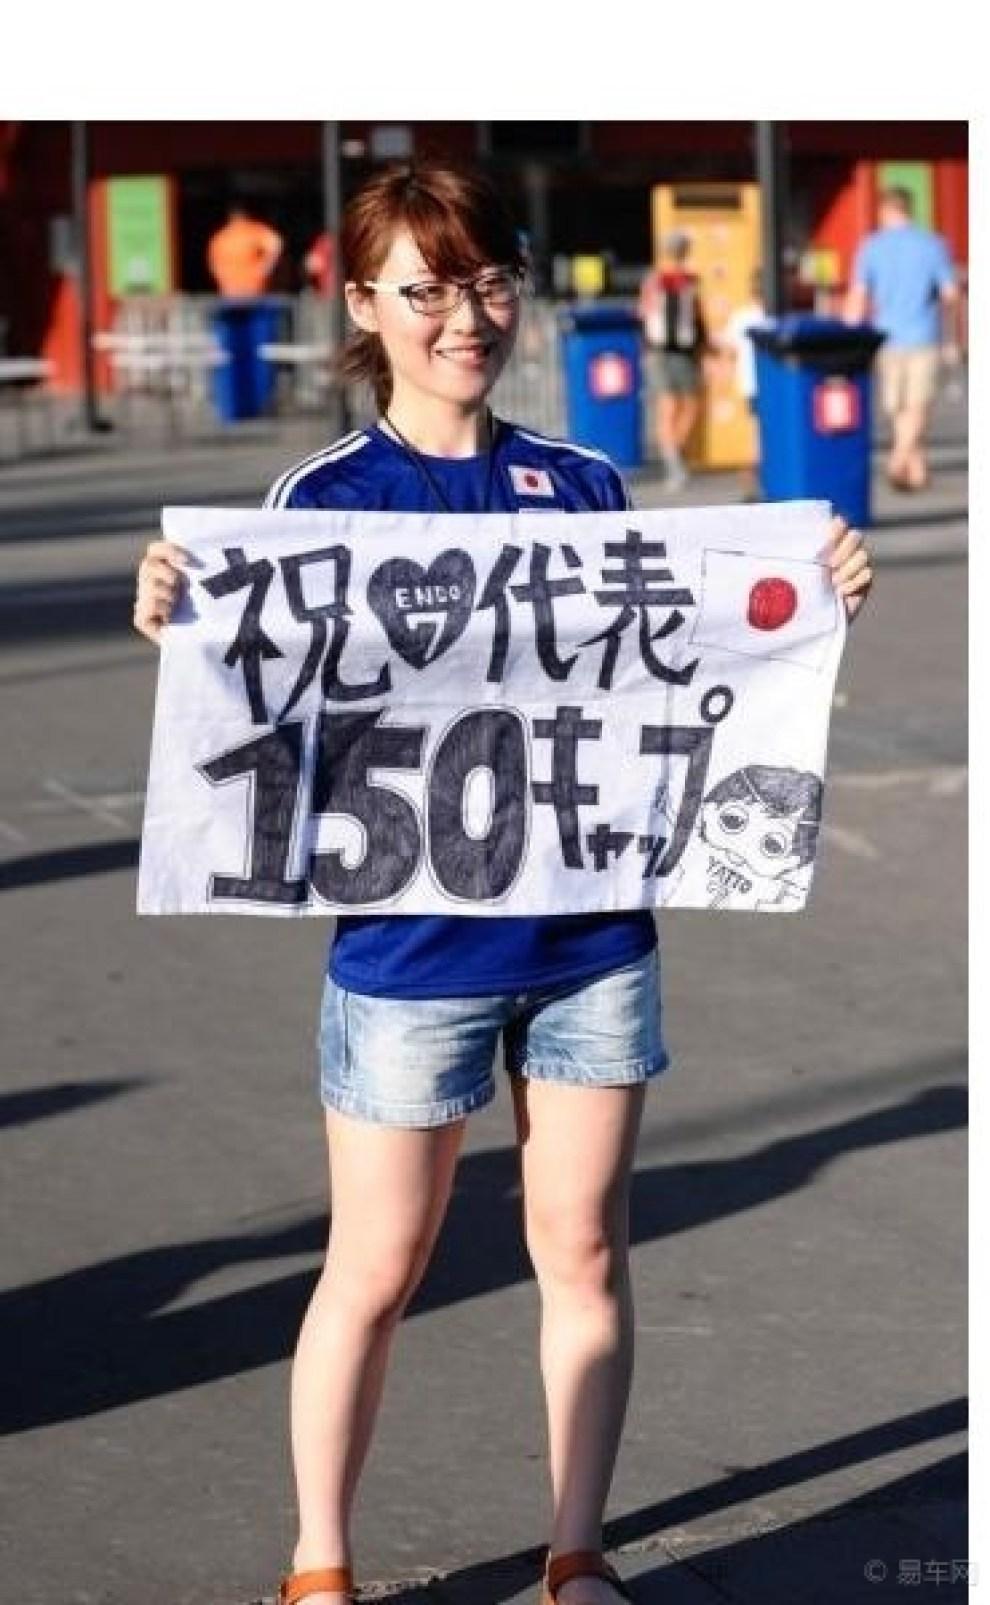 【日本美女足球娇俏可爱131】_易车公园大联美女图片球迷广东图片